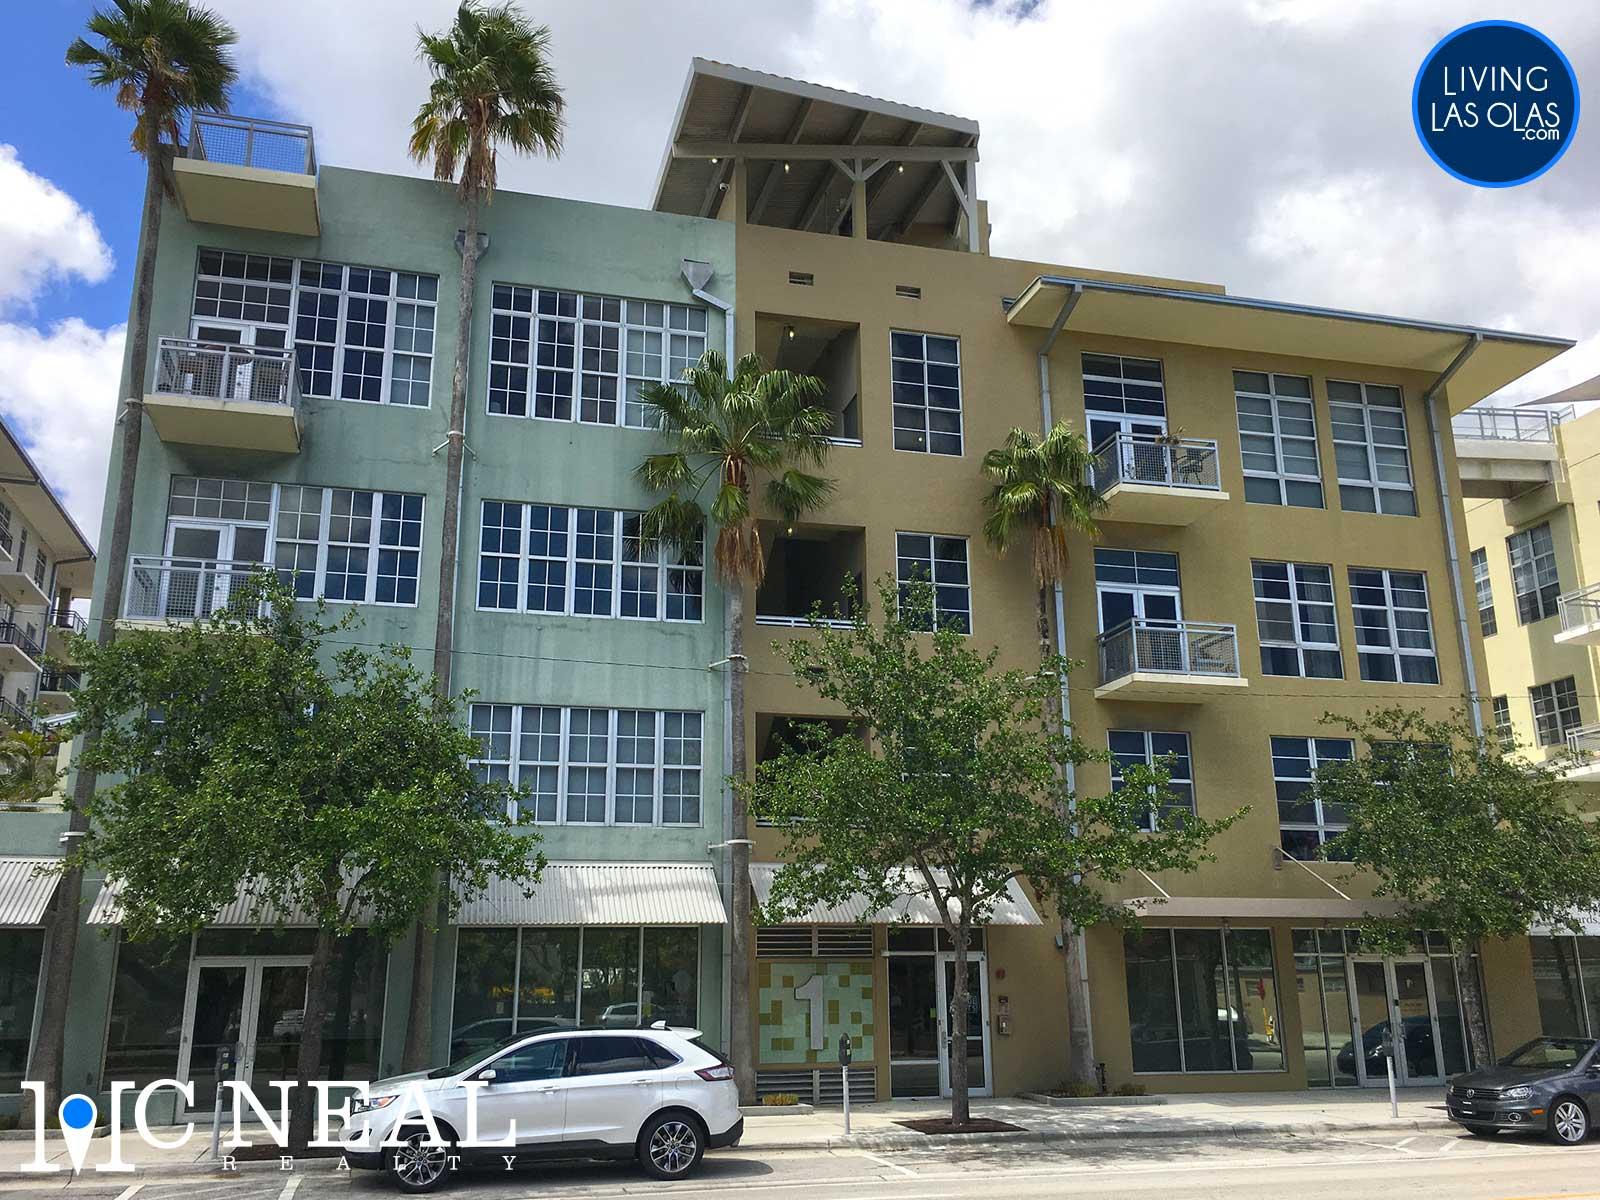 Avenue Lofts Fort Lauderdale Images 02